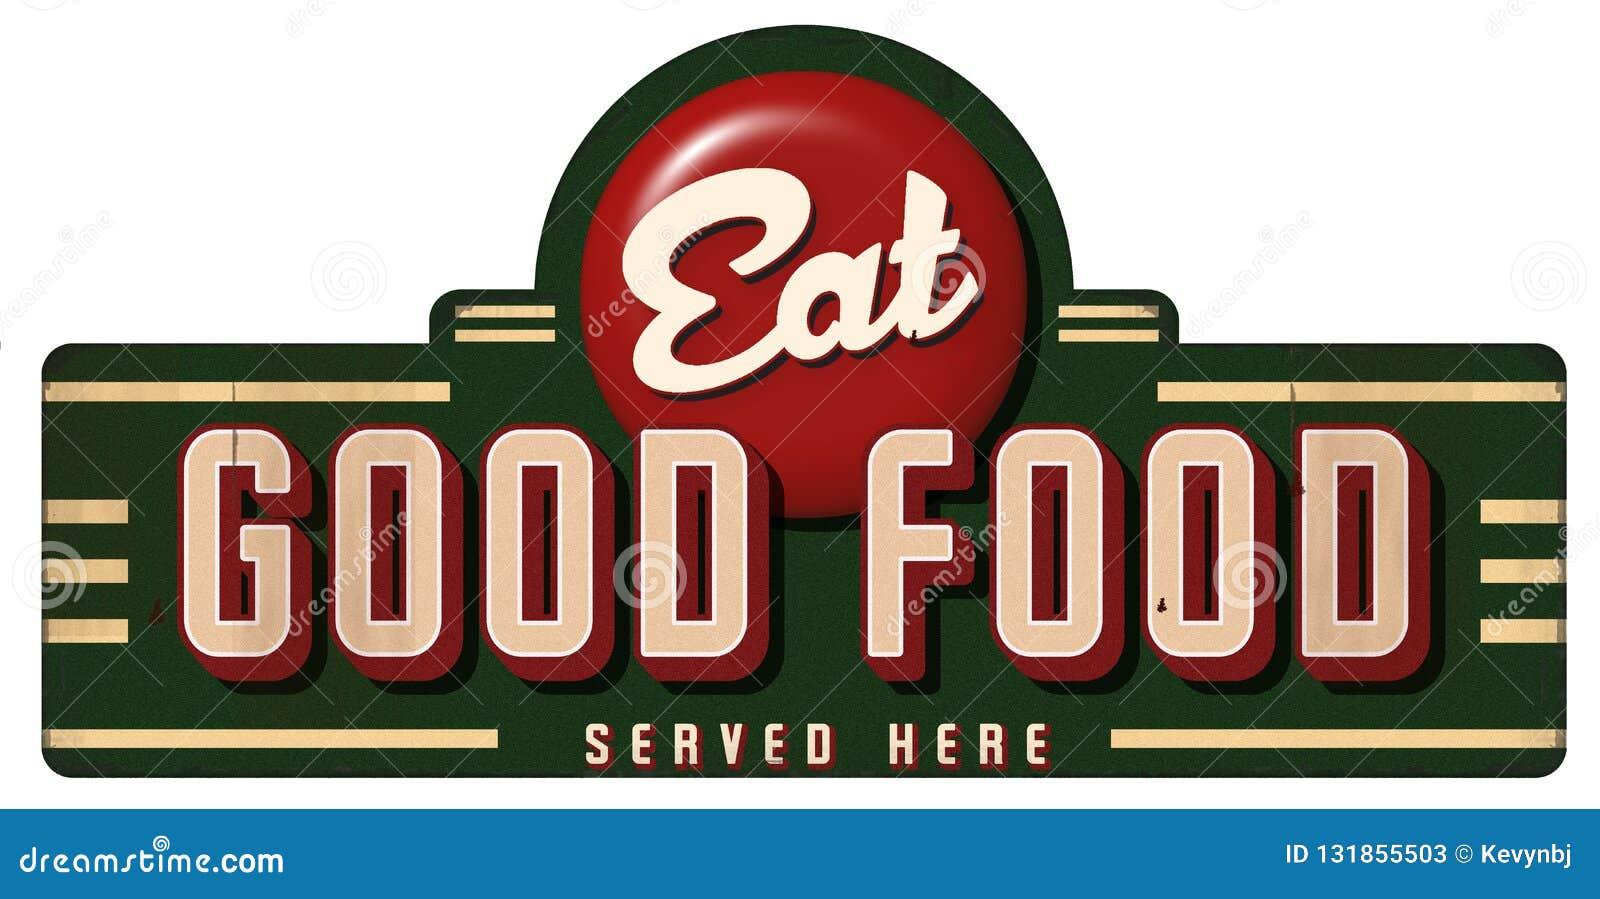 Coma o bom metal do sinal do vintage do alimento servido aqui